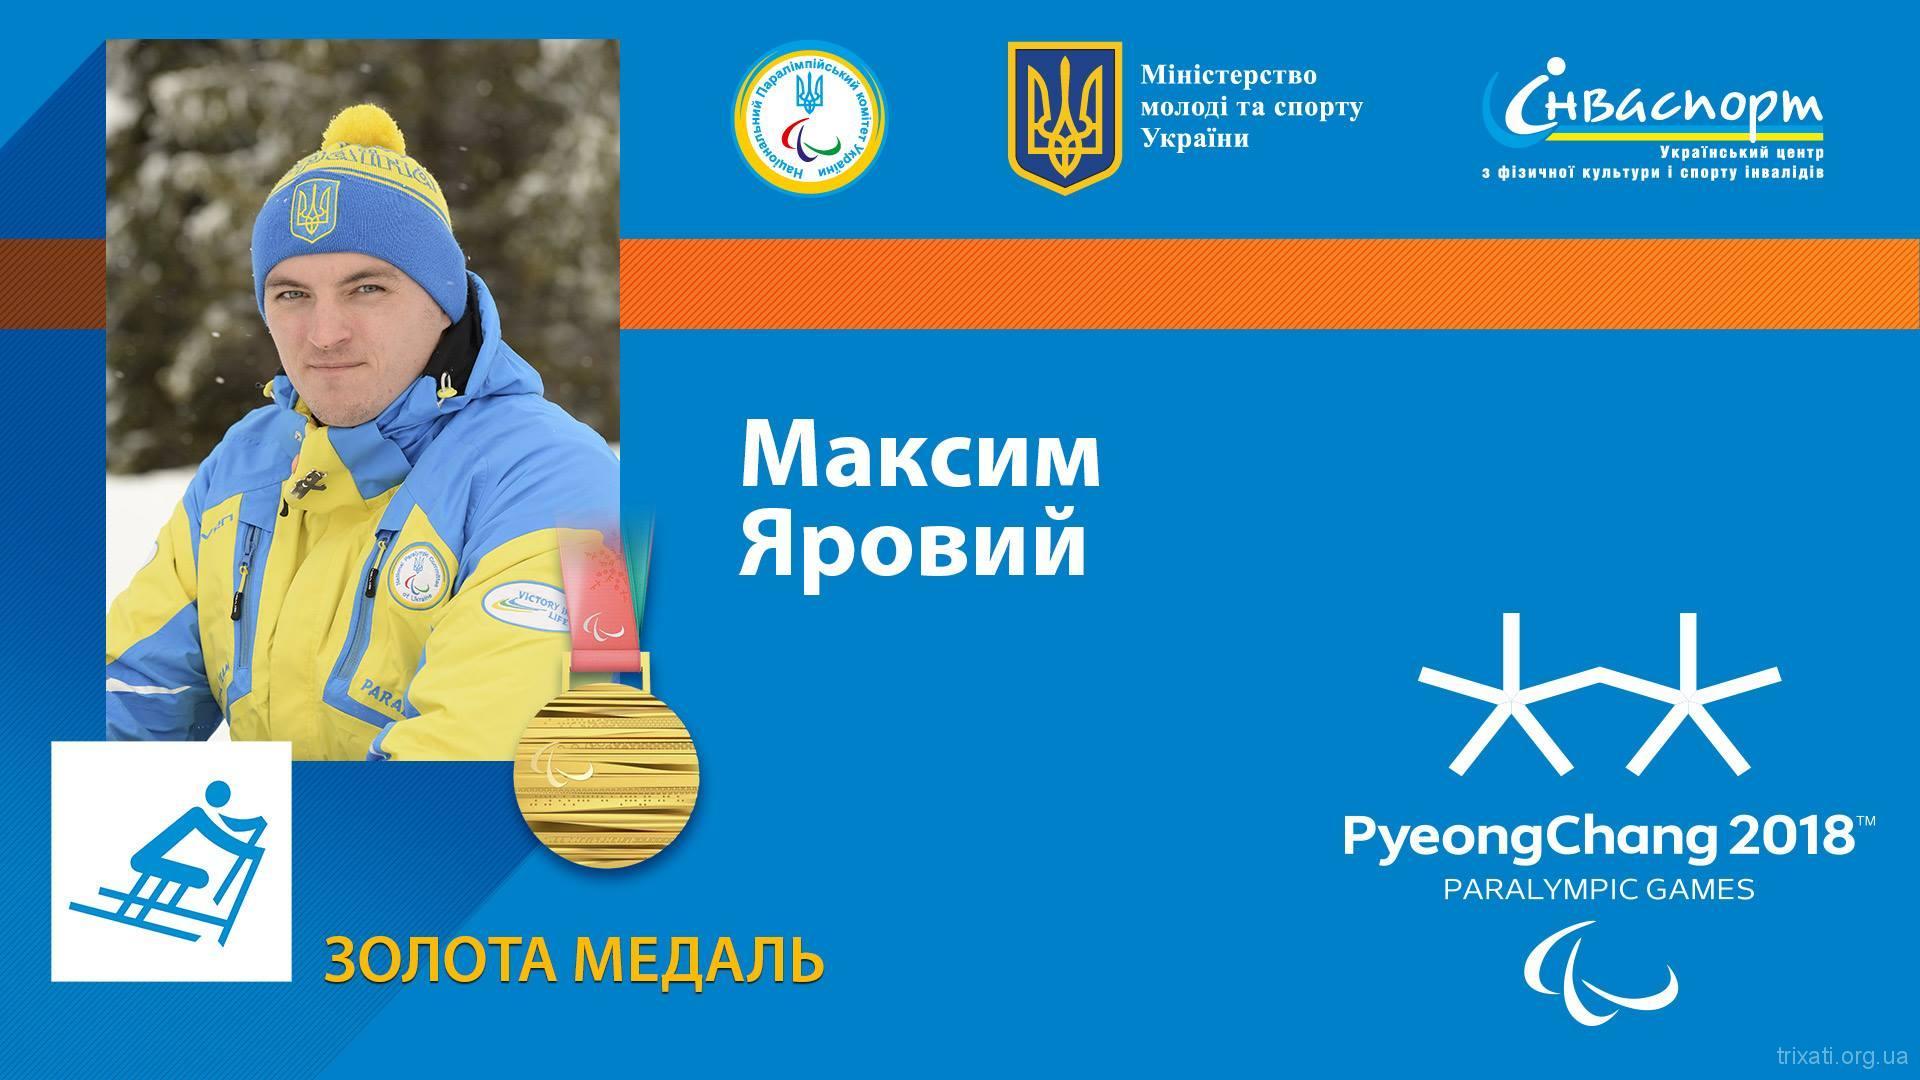 Яровий Максим Перше Олімпійське Золото